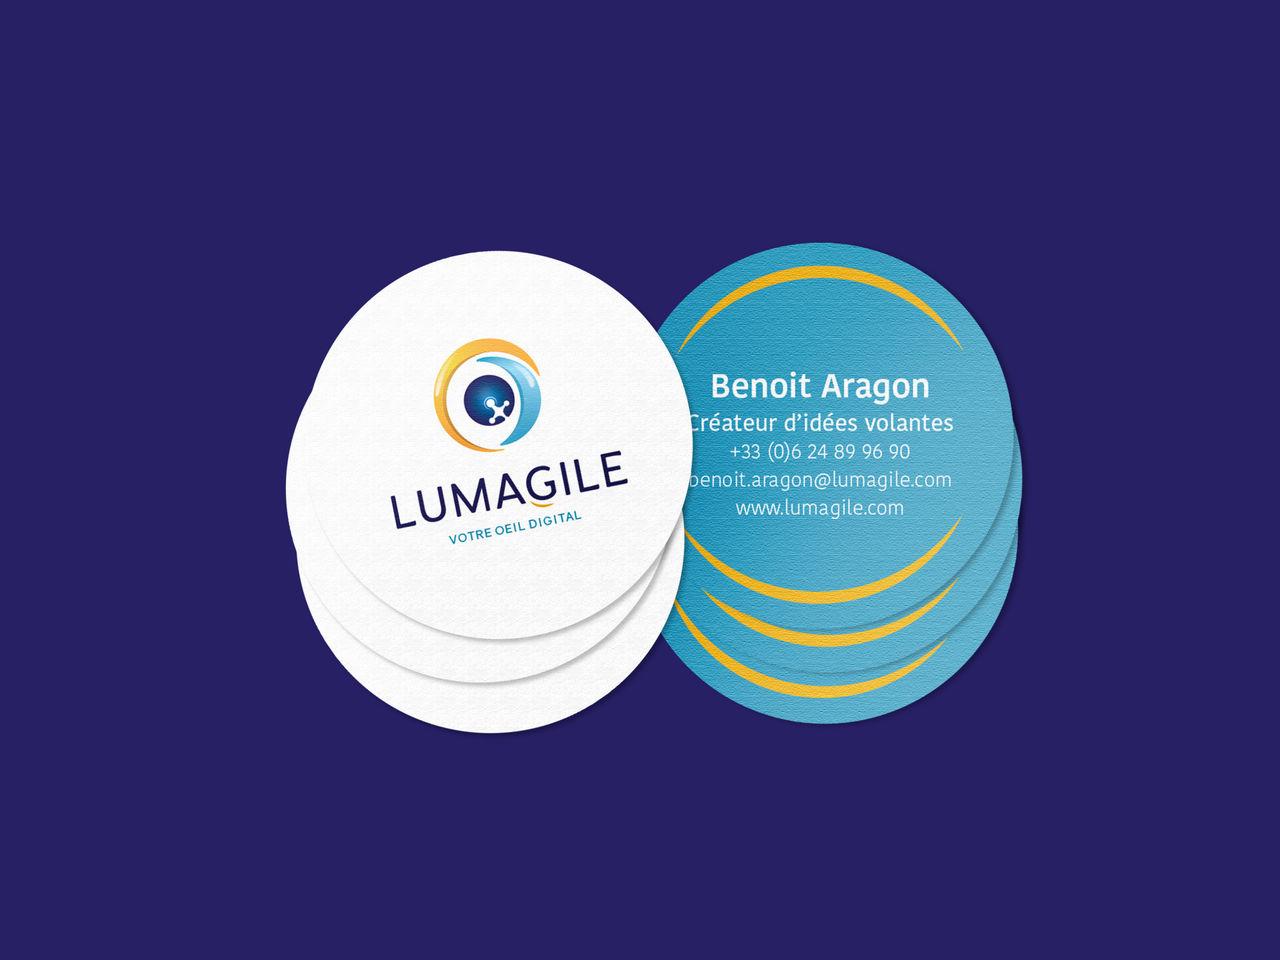 LUMAGILE - Start-up de visites virtuelles